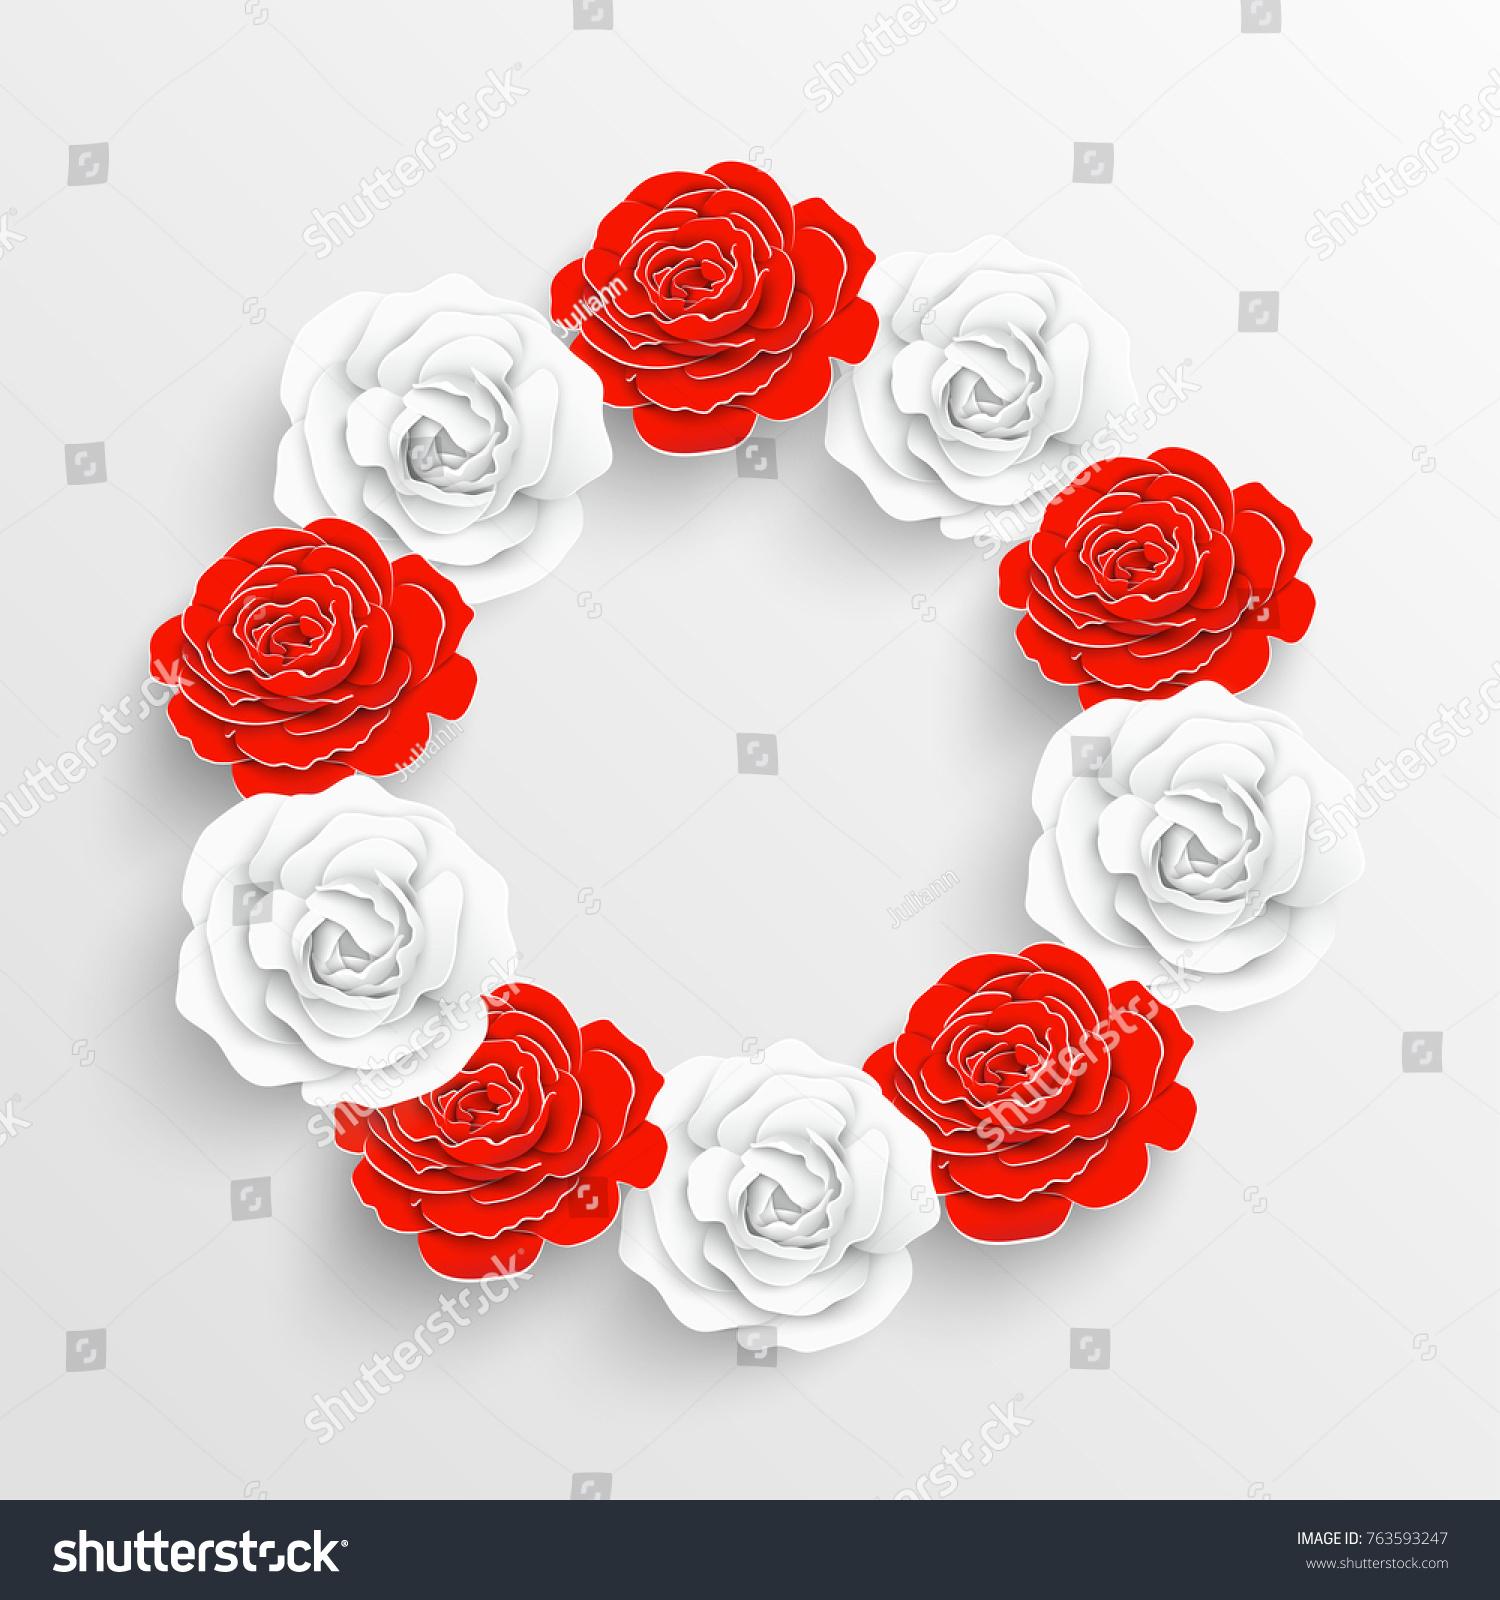 Paper Flower White Red Roses Cut Stock Vector 763593247 - Shutterstock